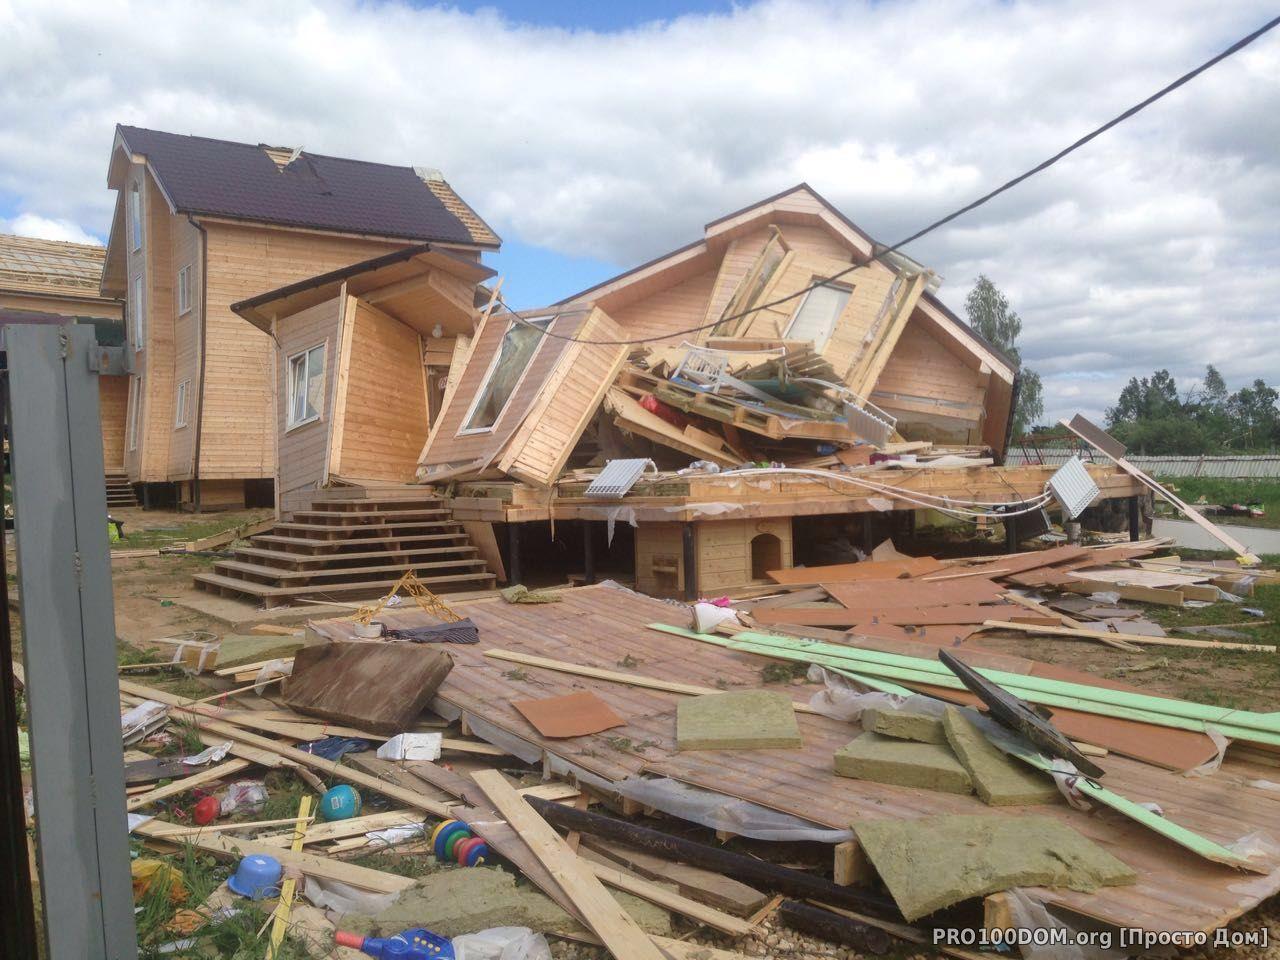 связано каркасные дома после урагана этого материала совершенно